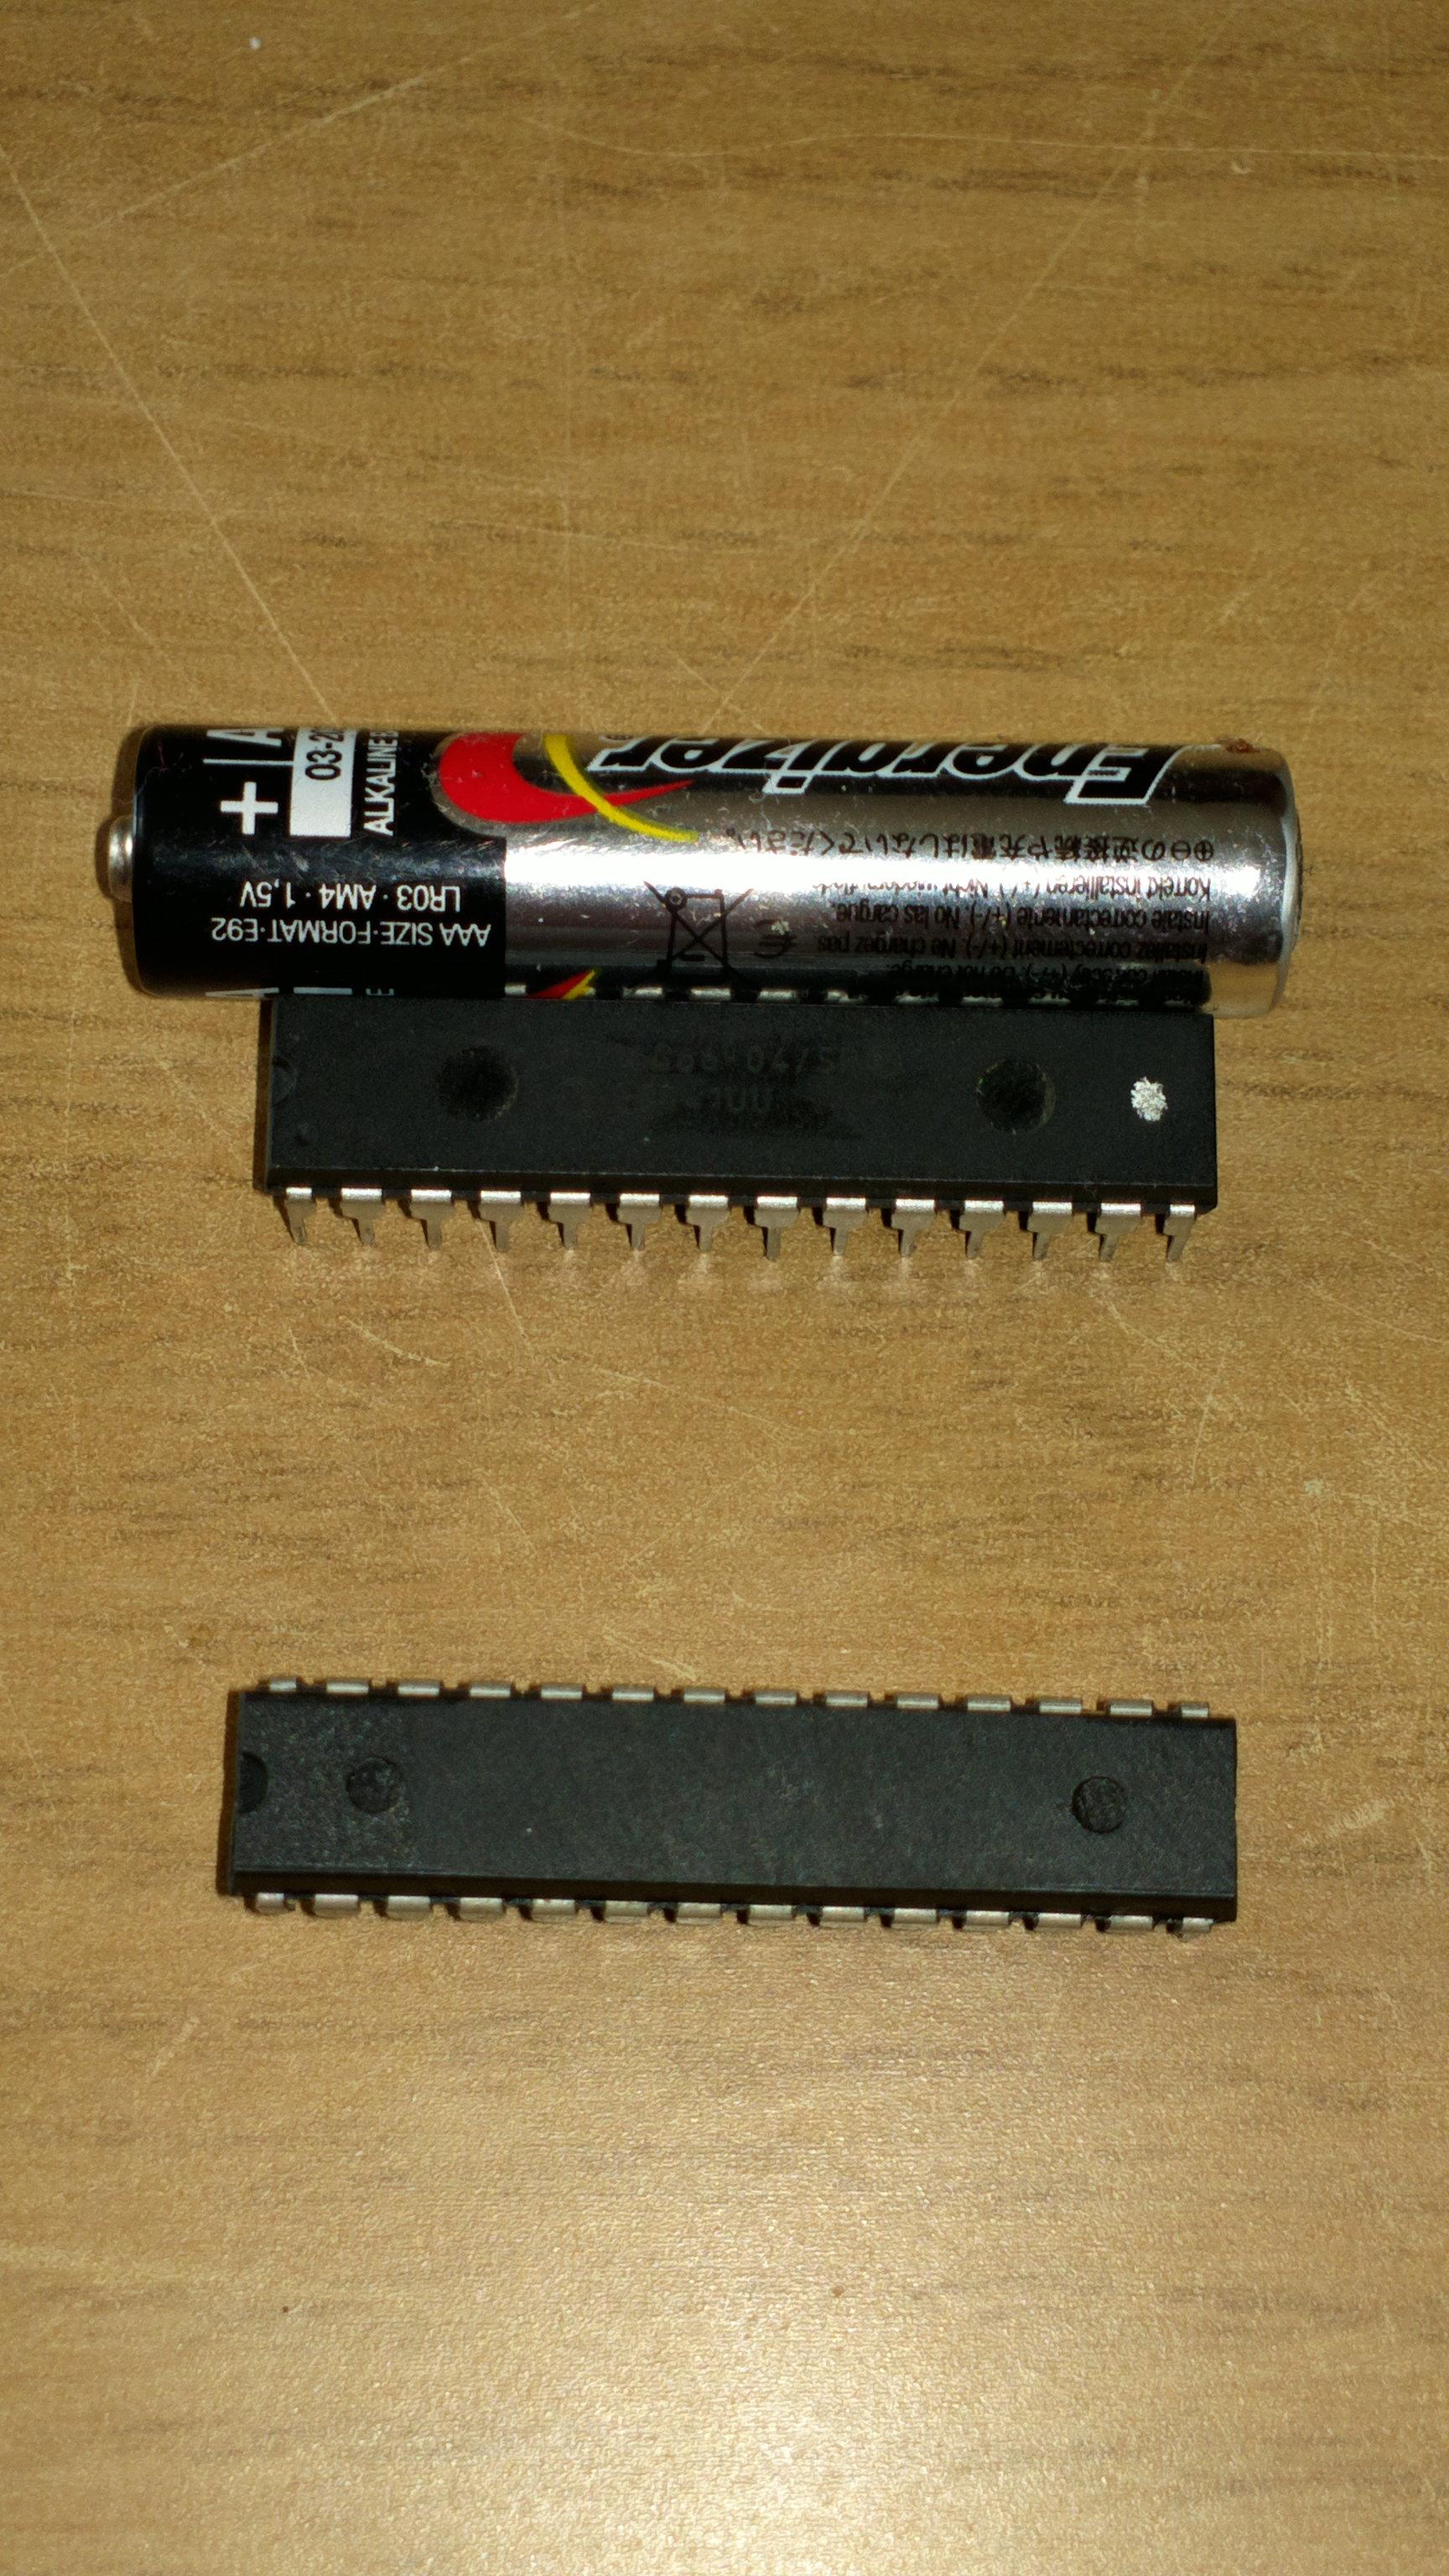 Pomoc w dobraniu zamazanego mikrokontrolera 28pin-zdj�cie-kostkarka do lodu